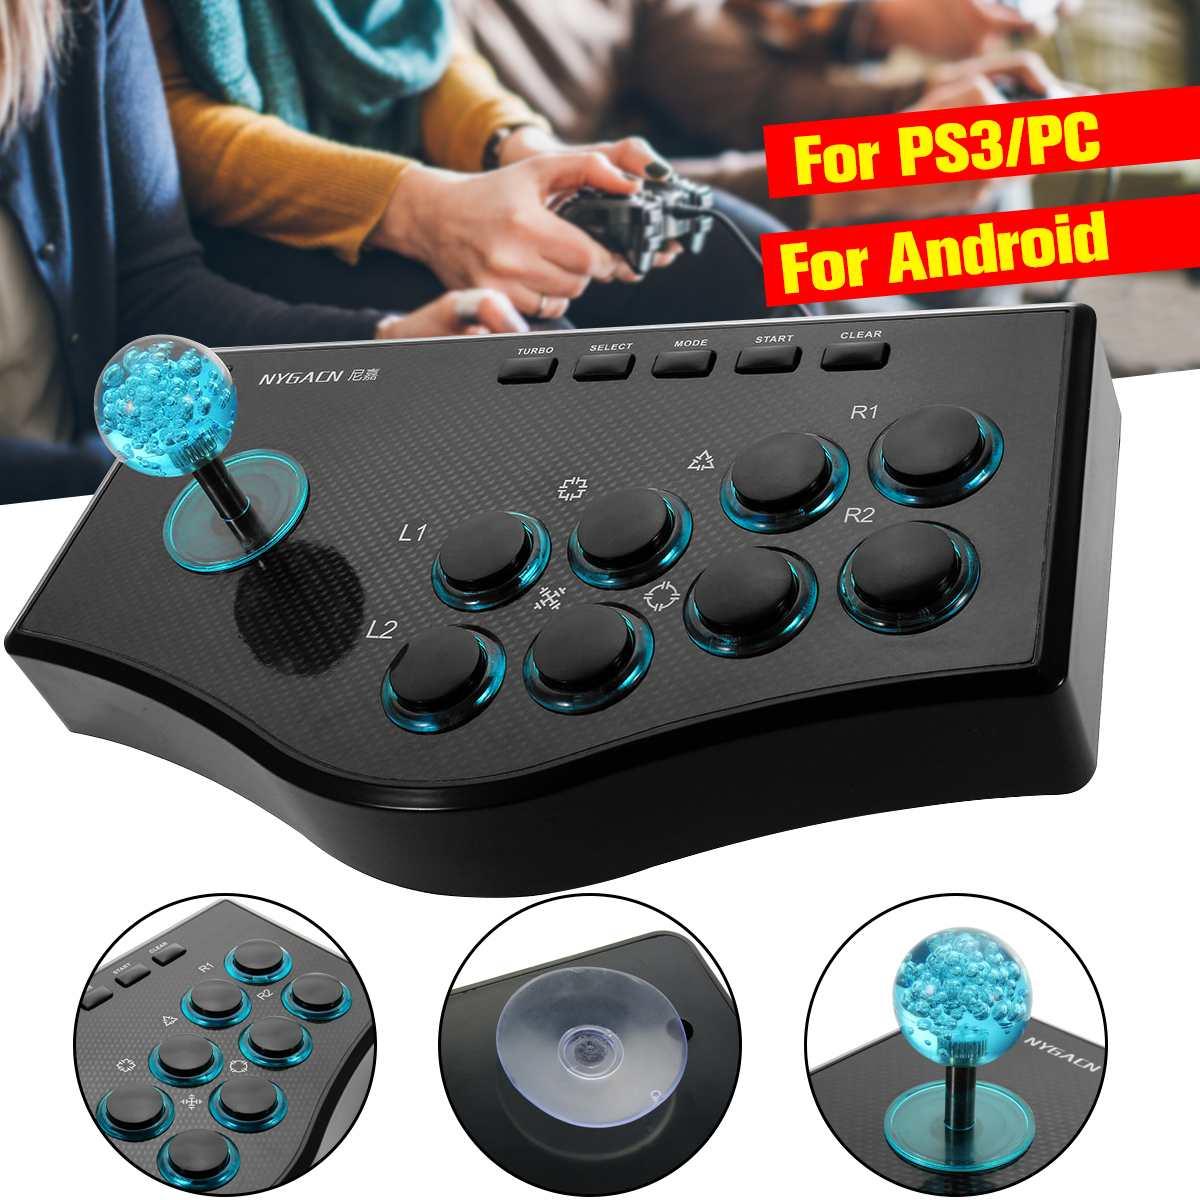 USB Gamepad Controlador de Jogo Roqueiro Joystick de Arcade Luta Da Vara Para PS3/PC Para Android Plug And Play de Luta de Rua sentimento